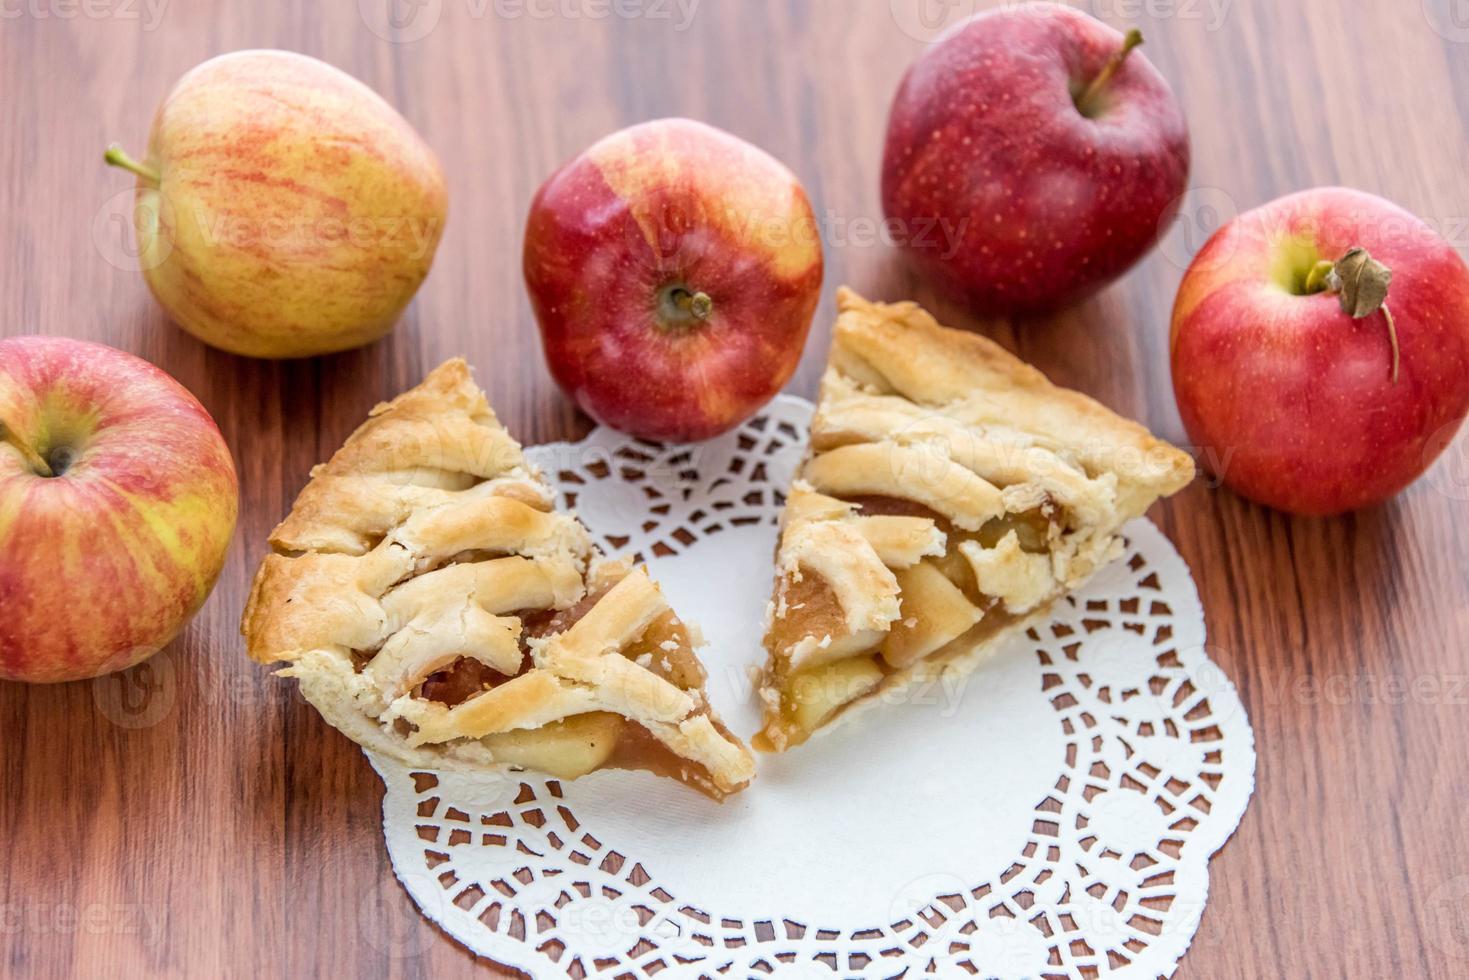 torta di mele affettata al forno fresca foto